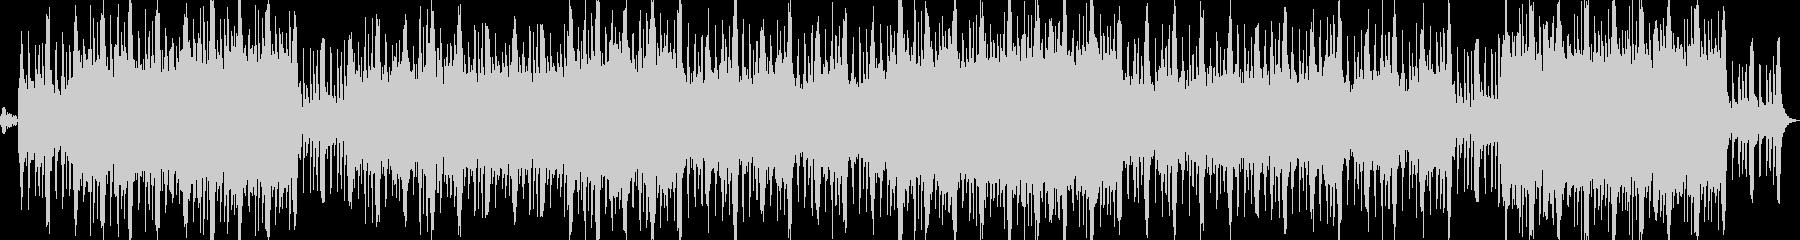 和太鼓が軽快な和風ロックですの未再生の波形